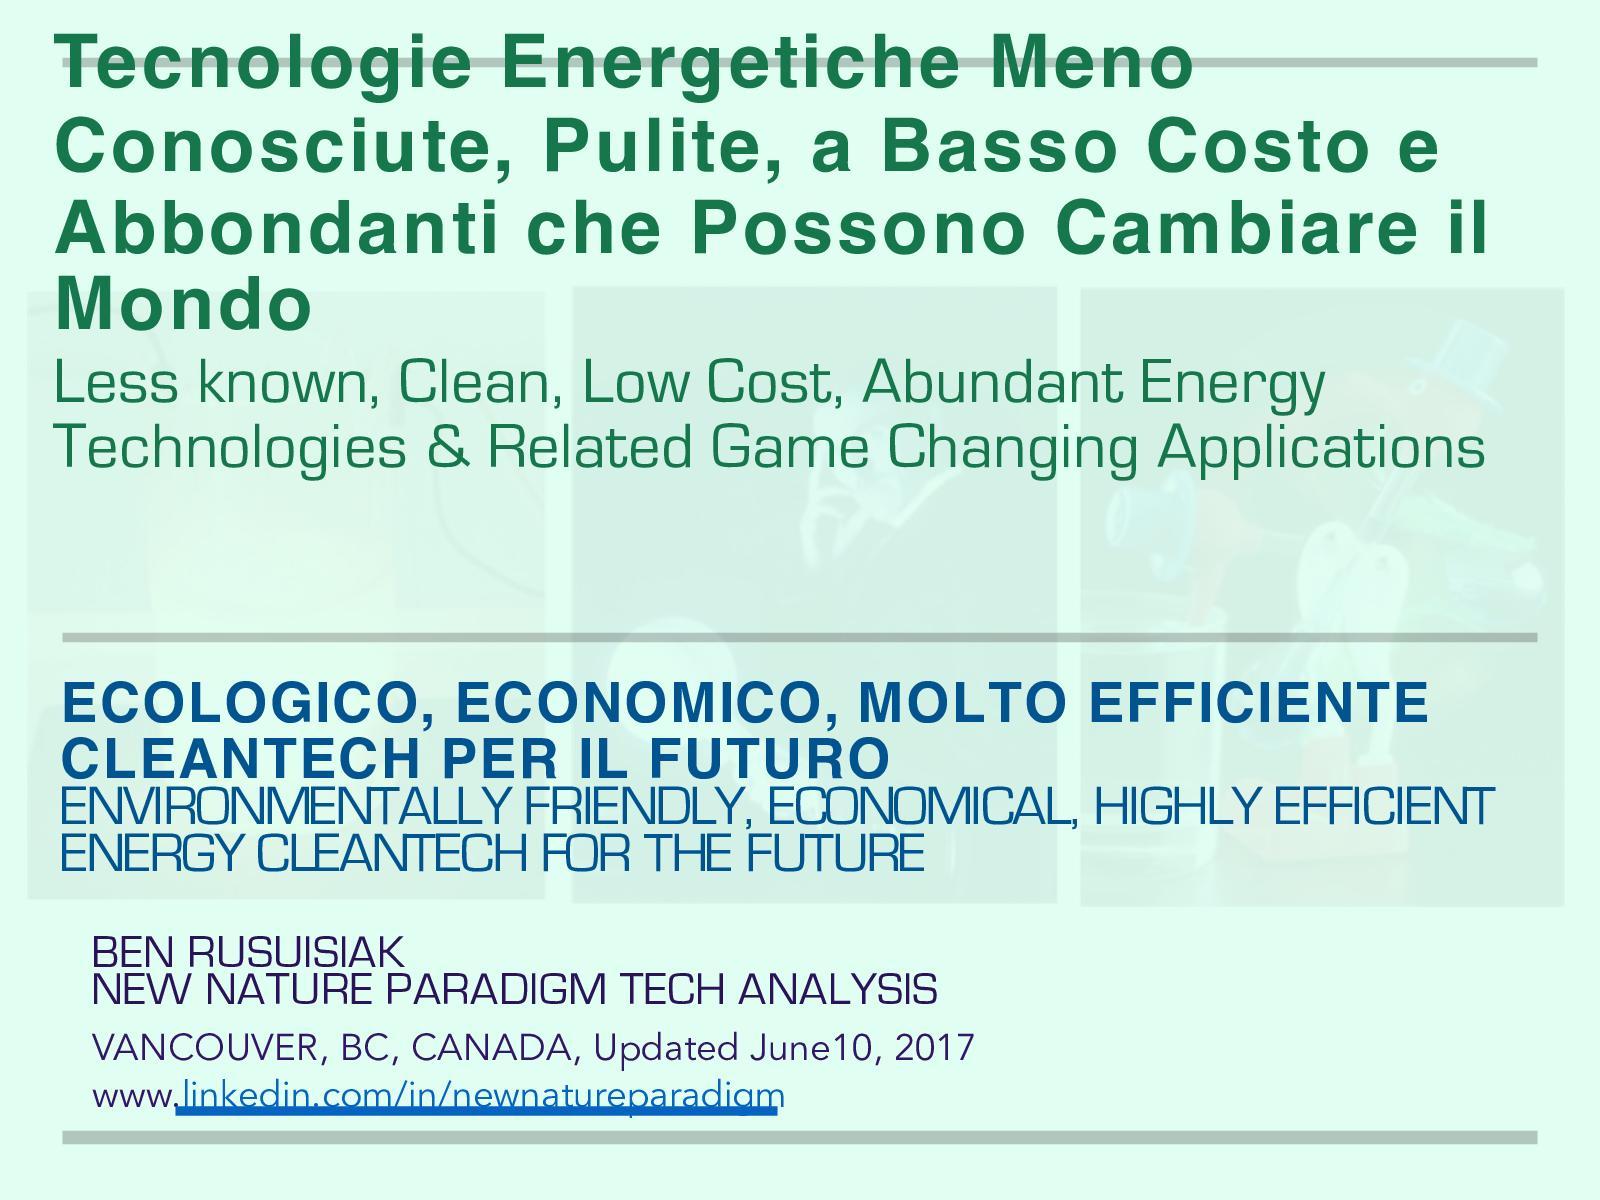 Calaméo - Tecnologie energetiche meno conosciute, pulite, a